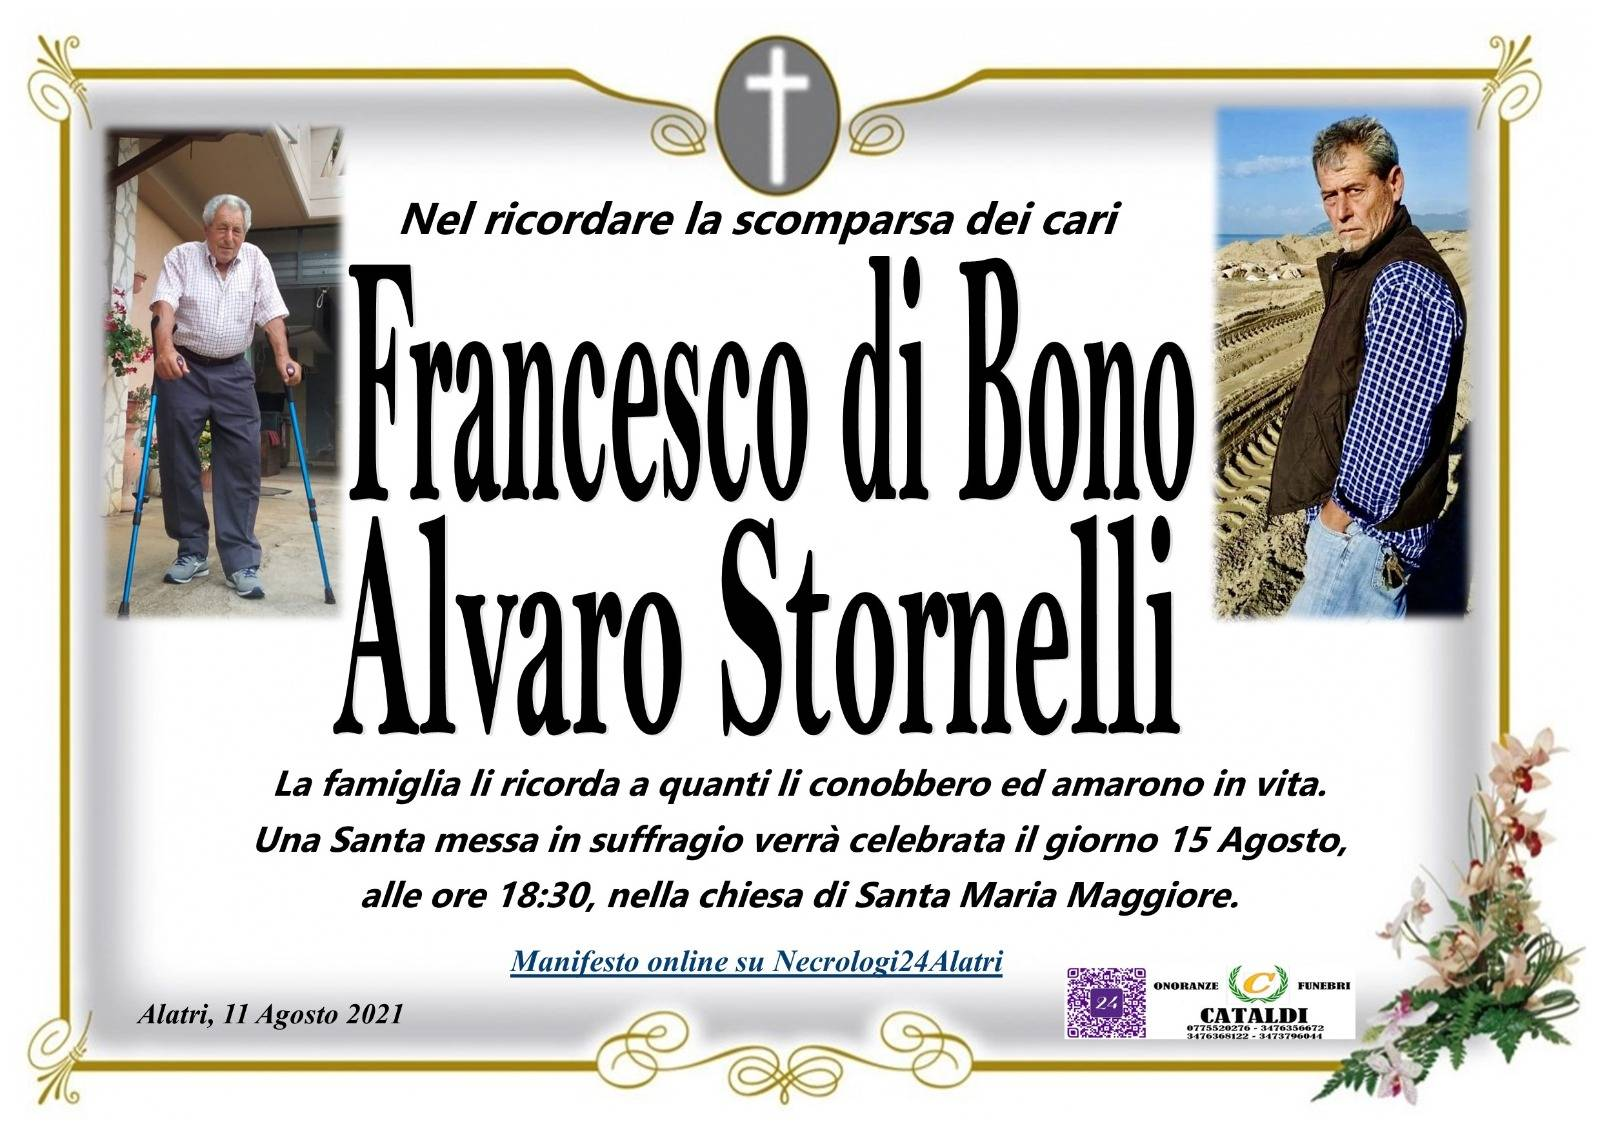 Francesco Di Bono e Alvaro Stornelli